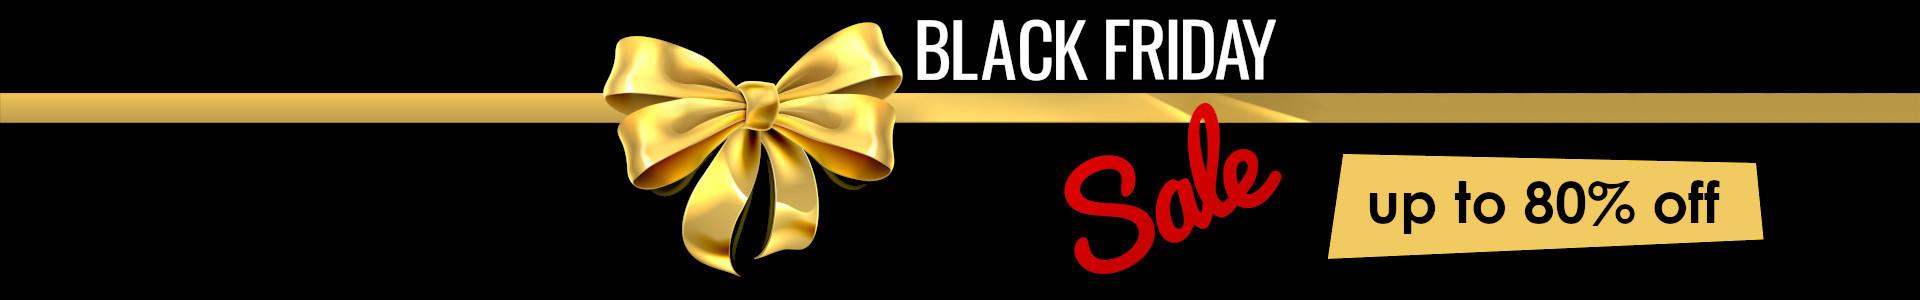 Black Friday Sale up to 80% off at La Diva Design